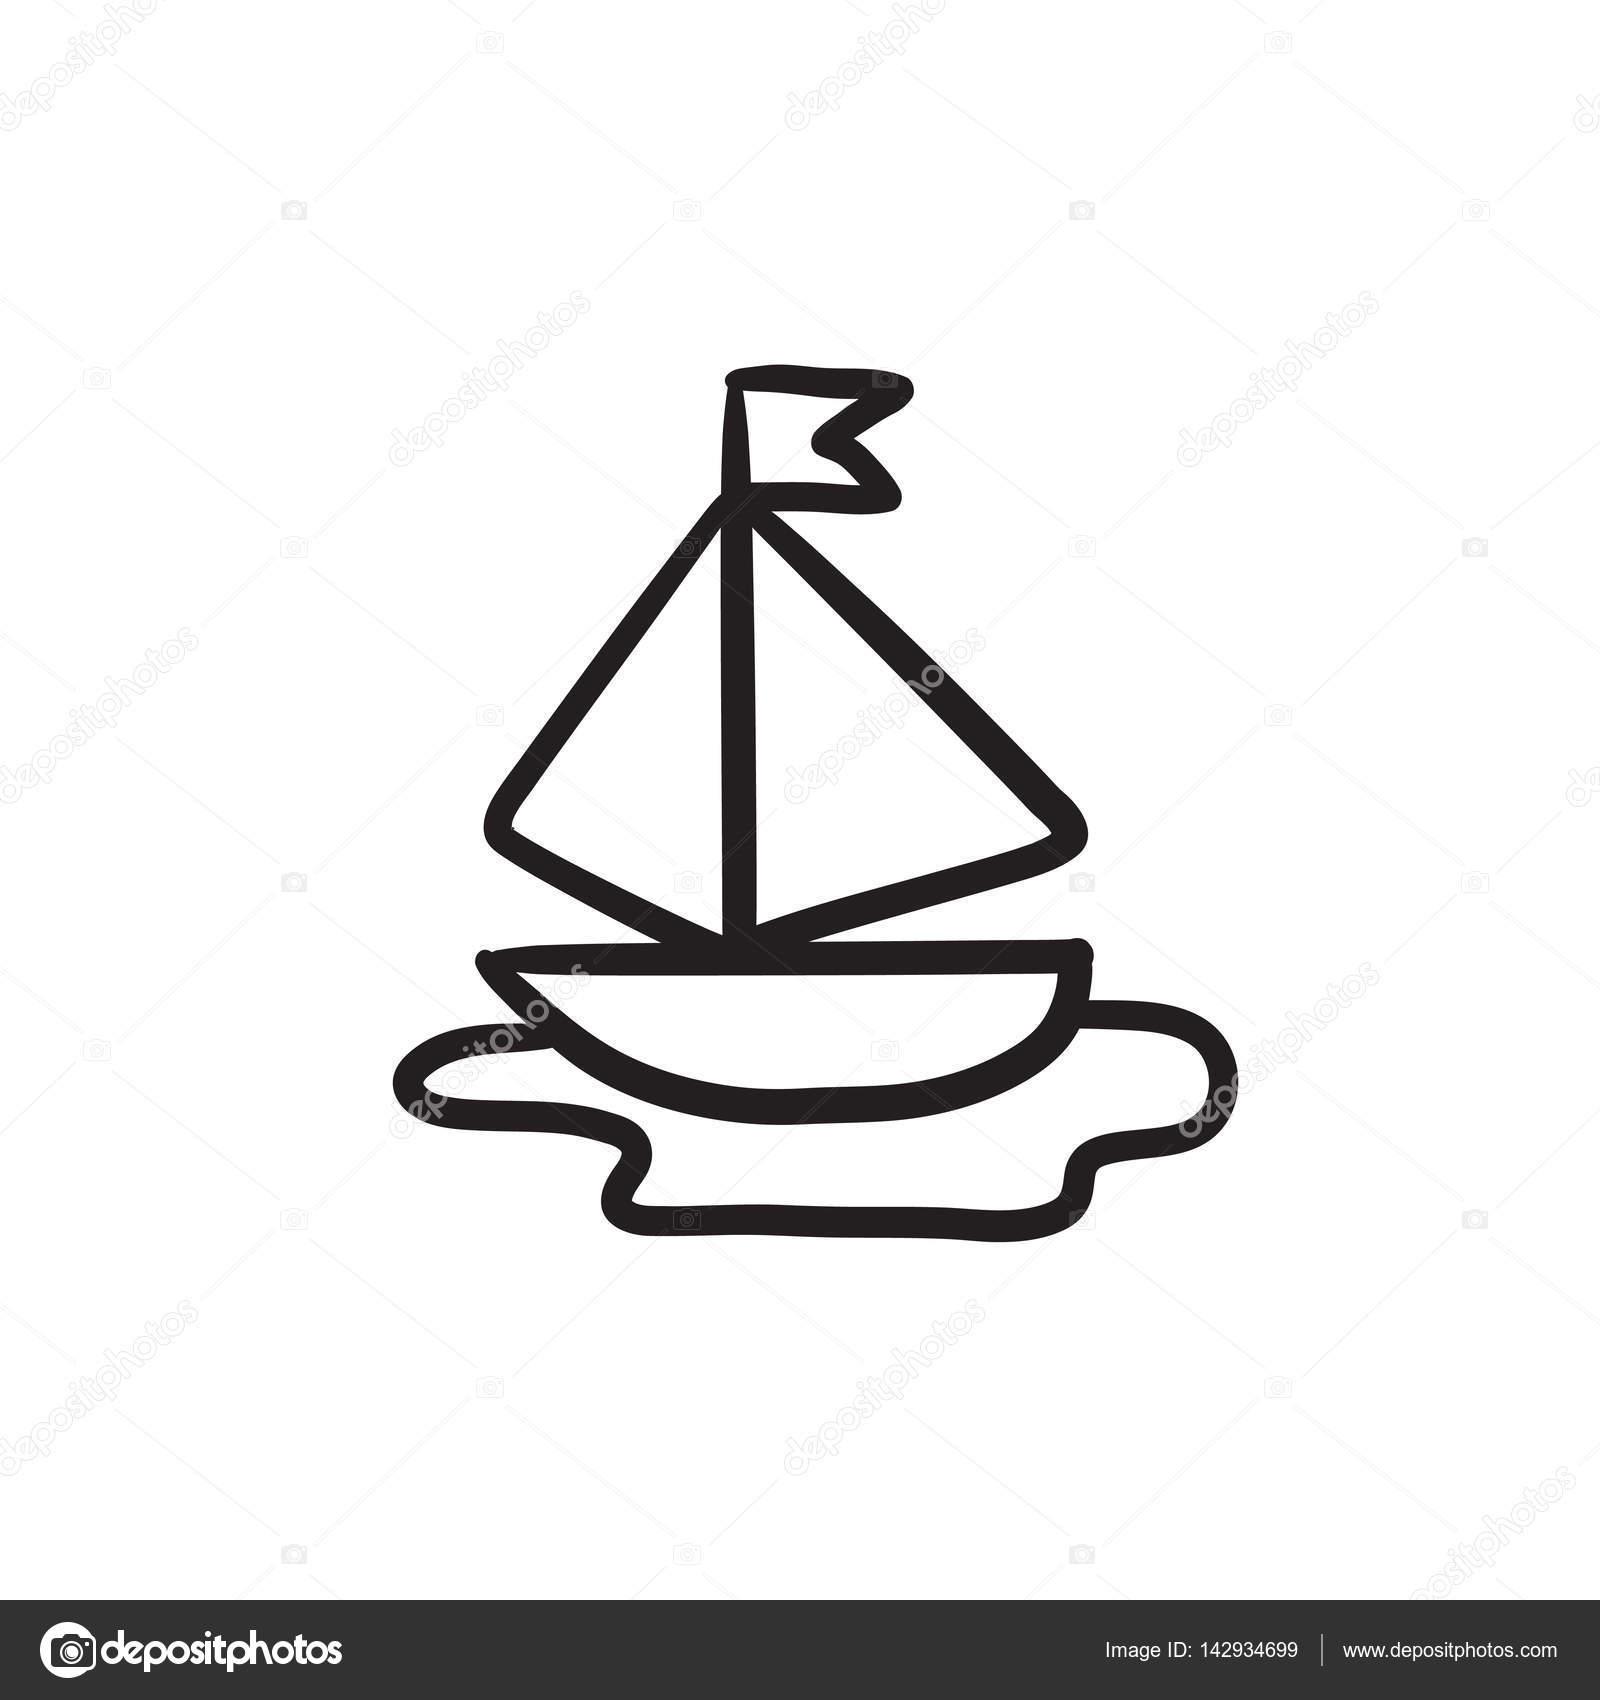 toy model of ship sketch icon u2014 stock vector rastudio 142934699